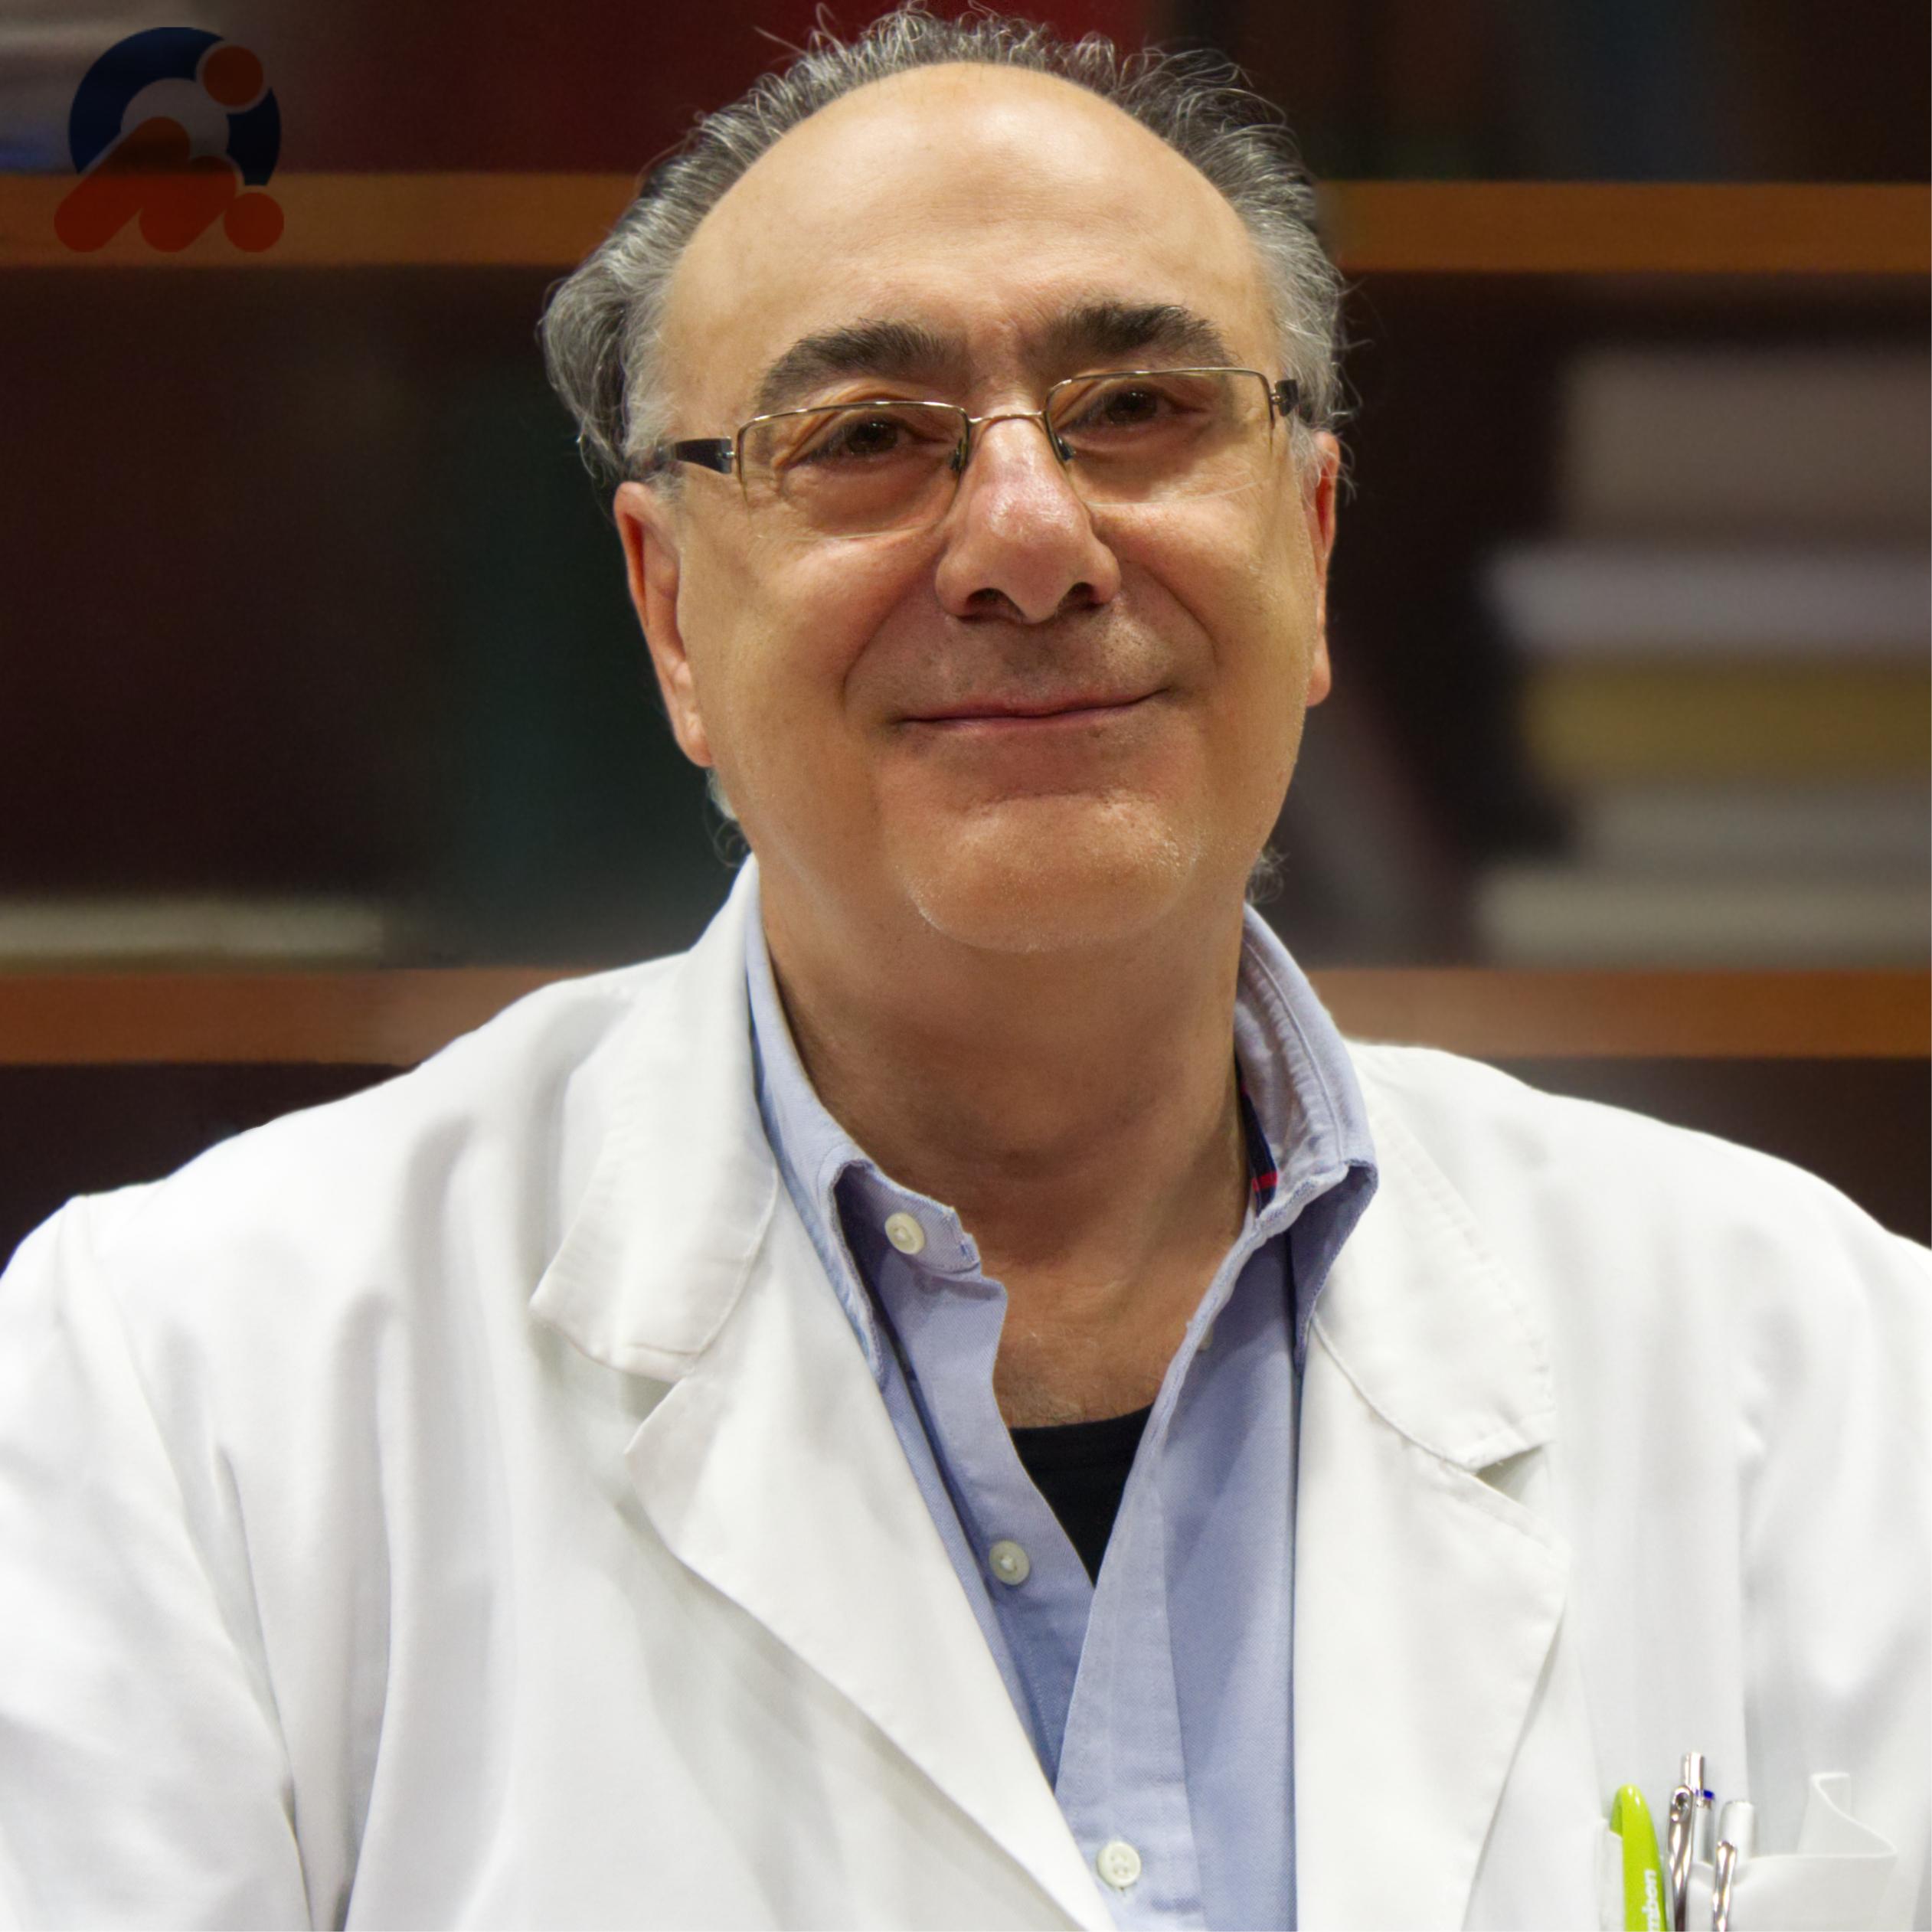 Dott. Domenico Perfetto